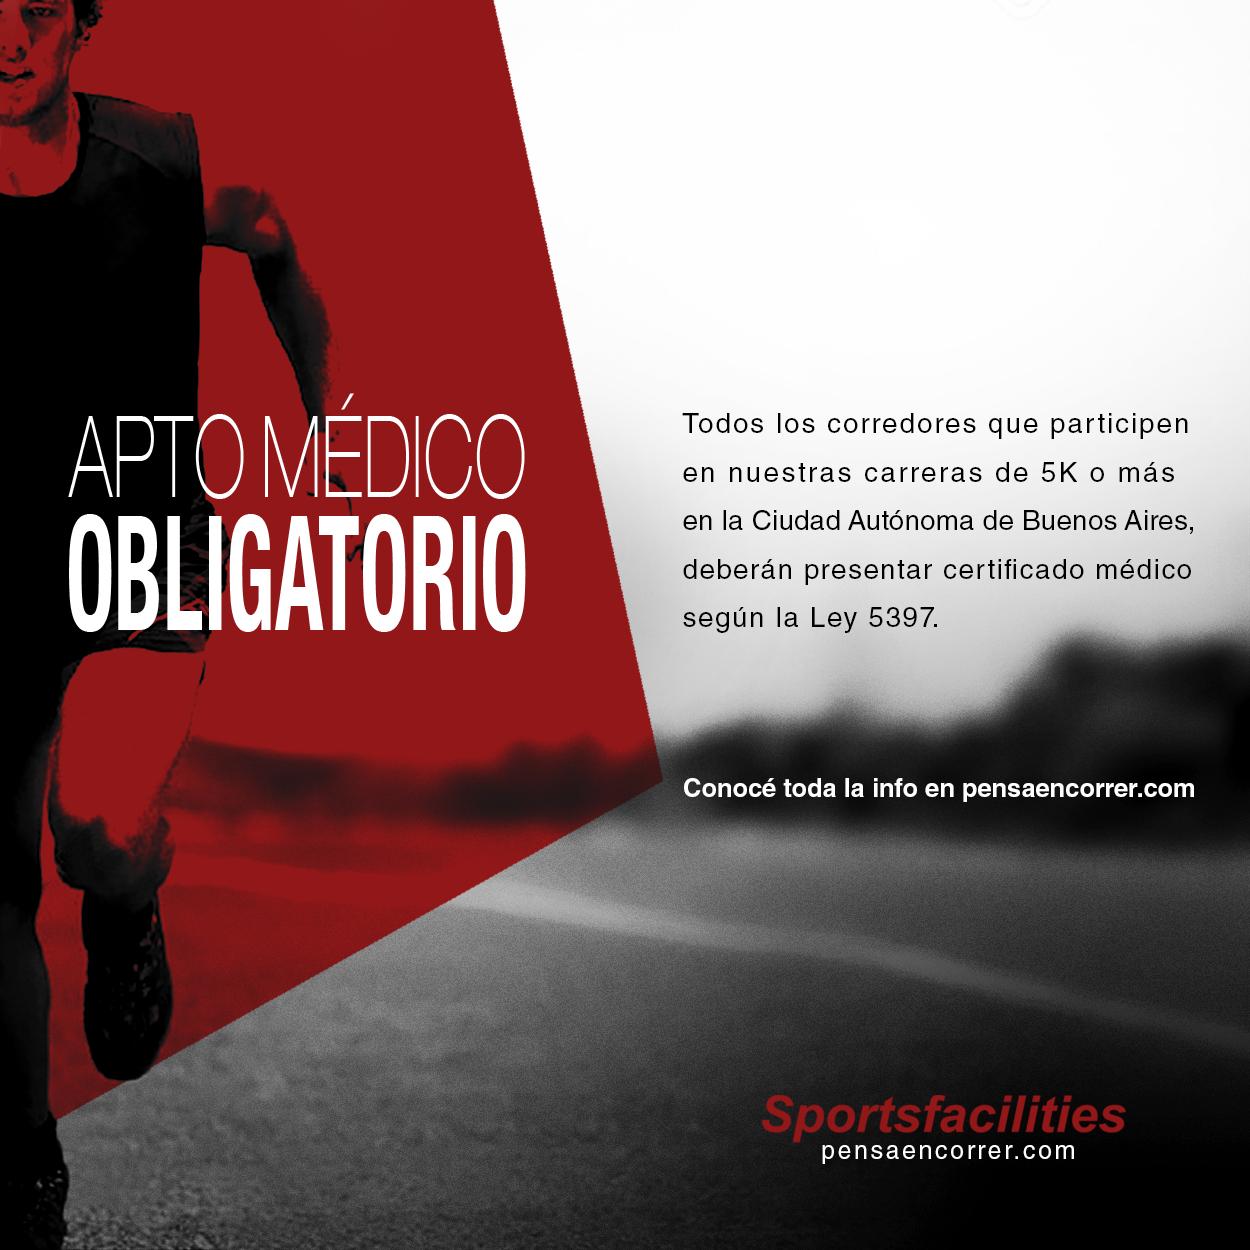 flyer_Apto medico_900 x900